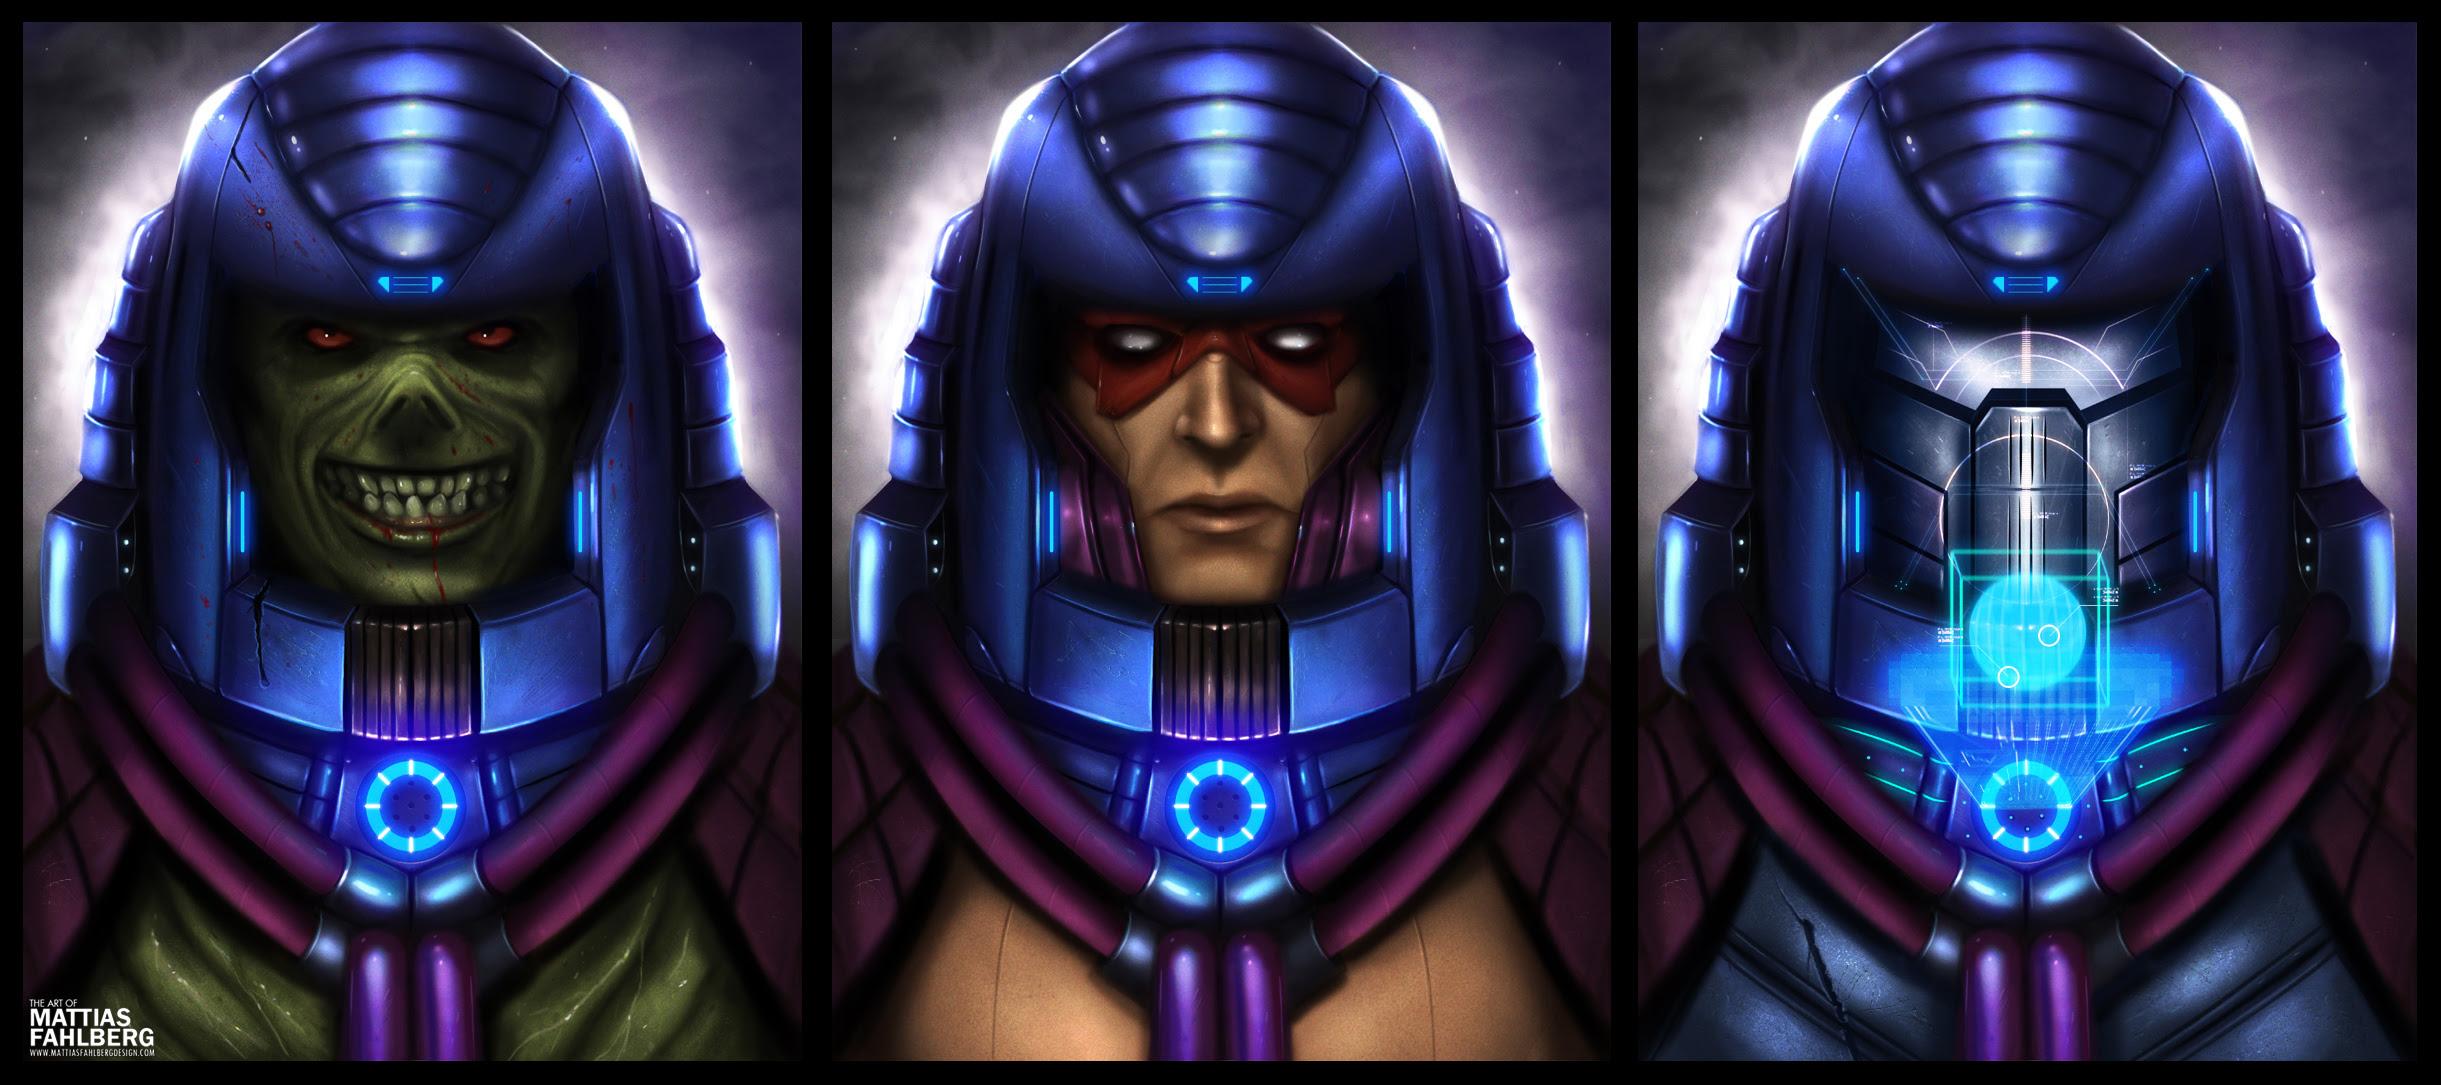 http://fc03.deviantart.net/fs70/f/2011/259/6/8/man_e_faces_by_ornia-d4a0gmz.jpg